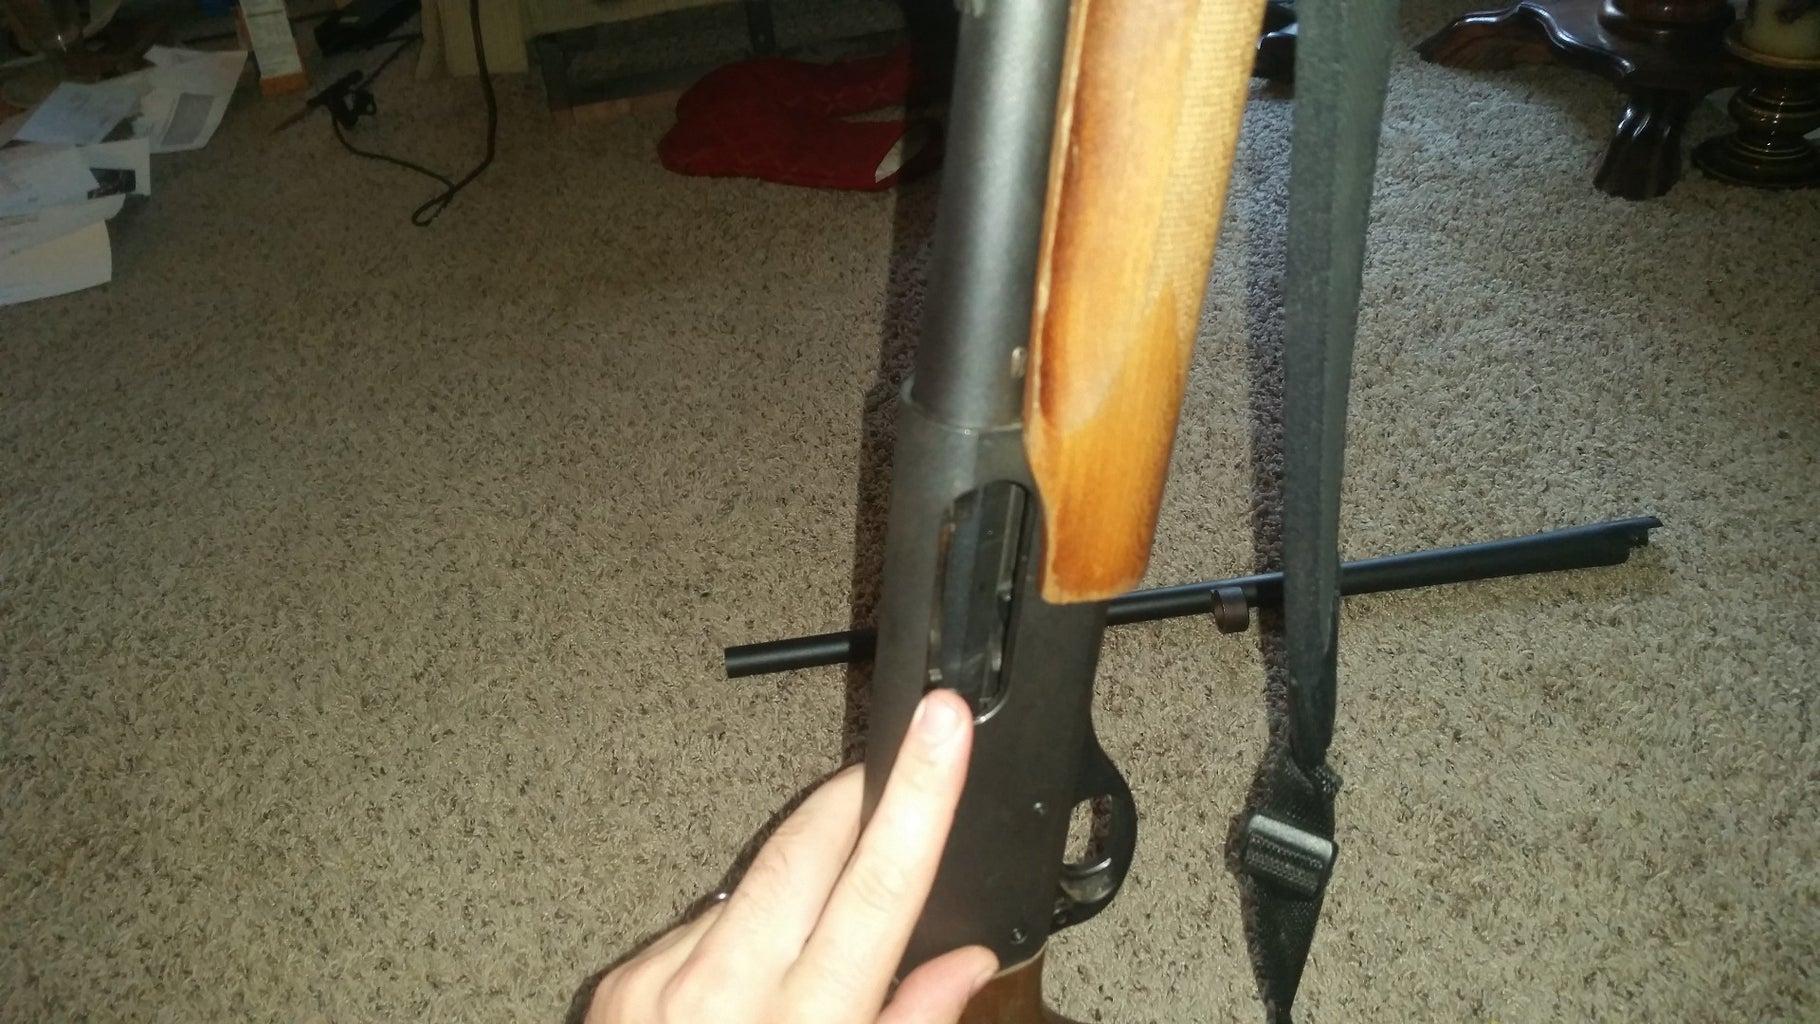 Ensure the Firearm Is Unloaded